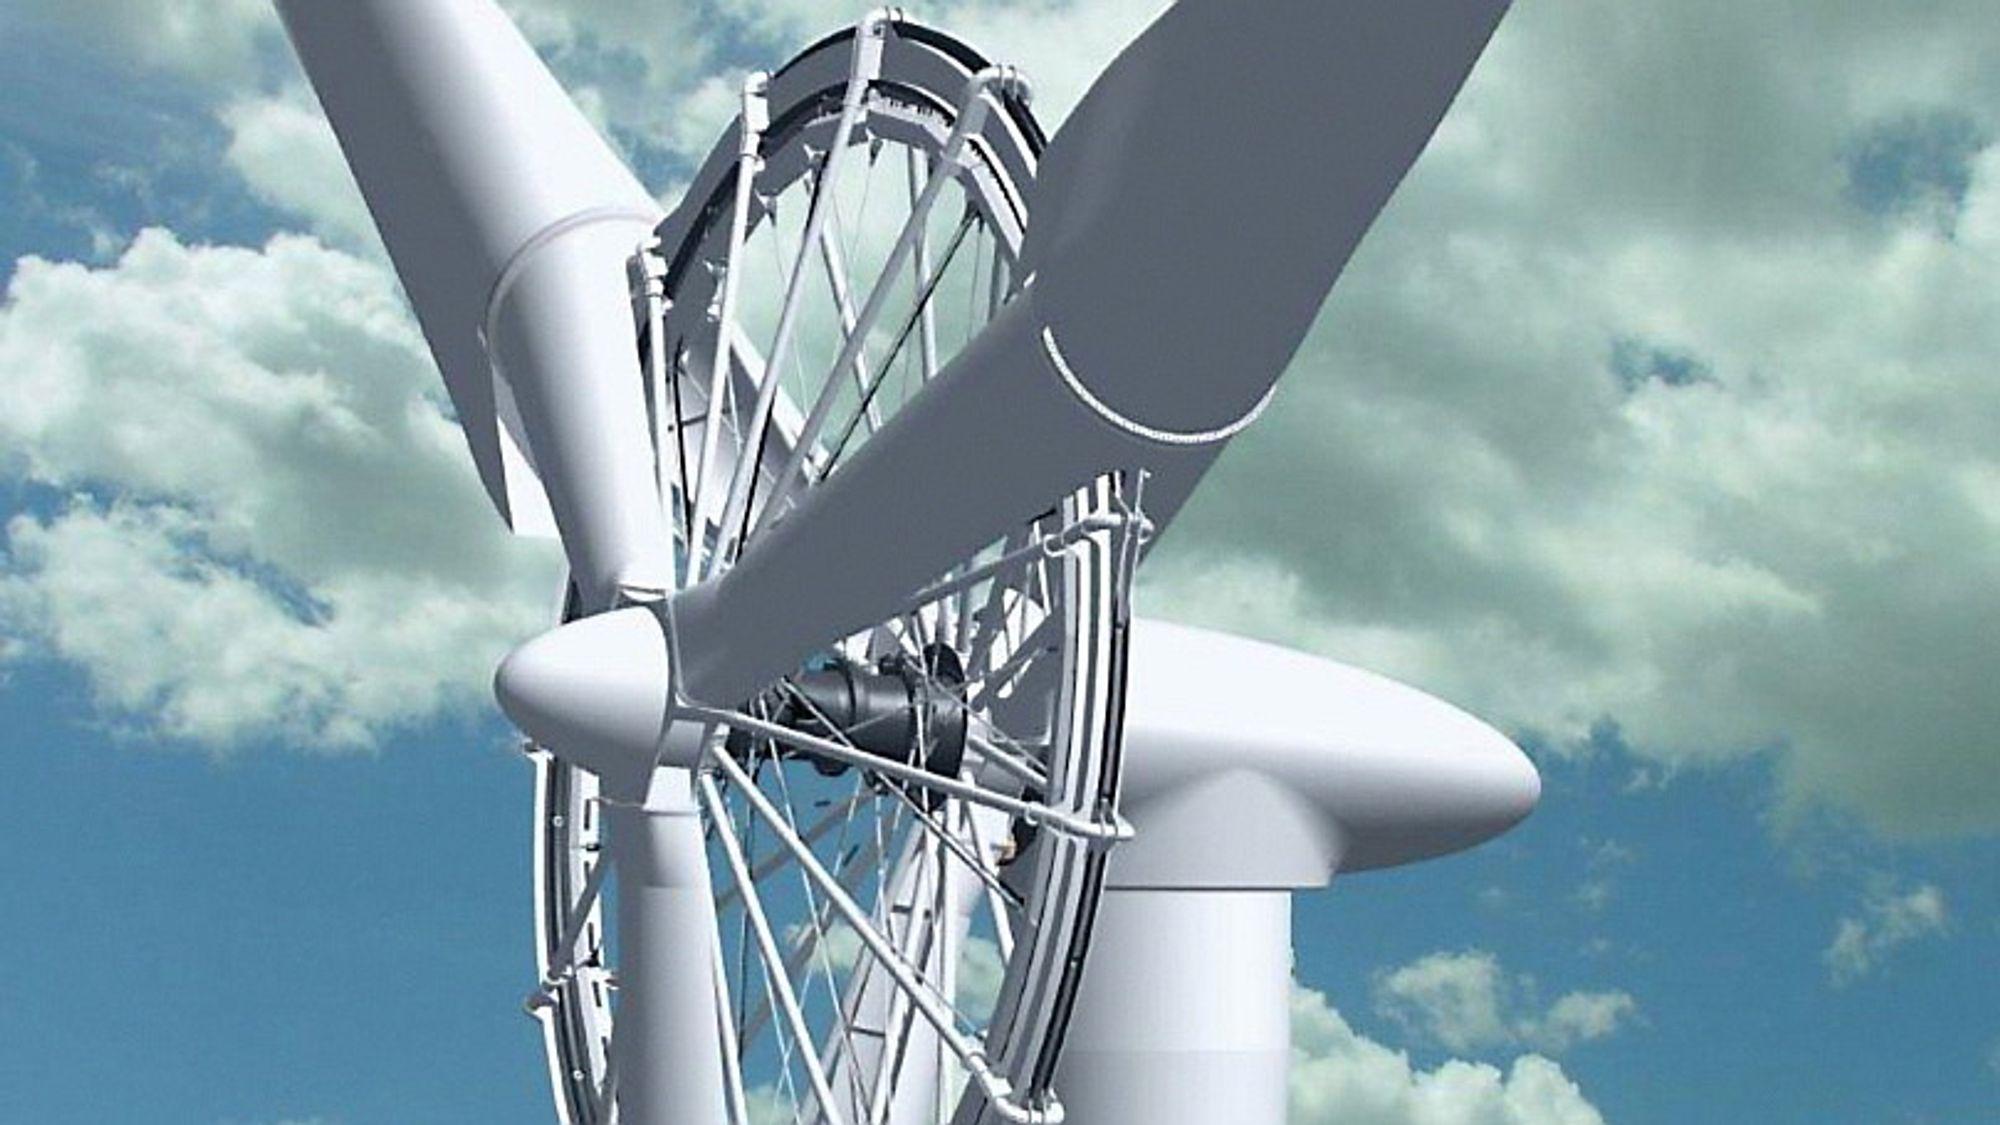 Sway Turbine skulle redusere turbinkostnadene med 15-20 prosent. Nå er selskapet konkurs.